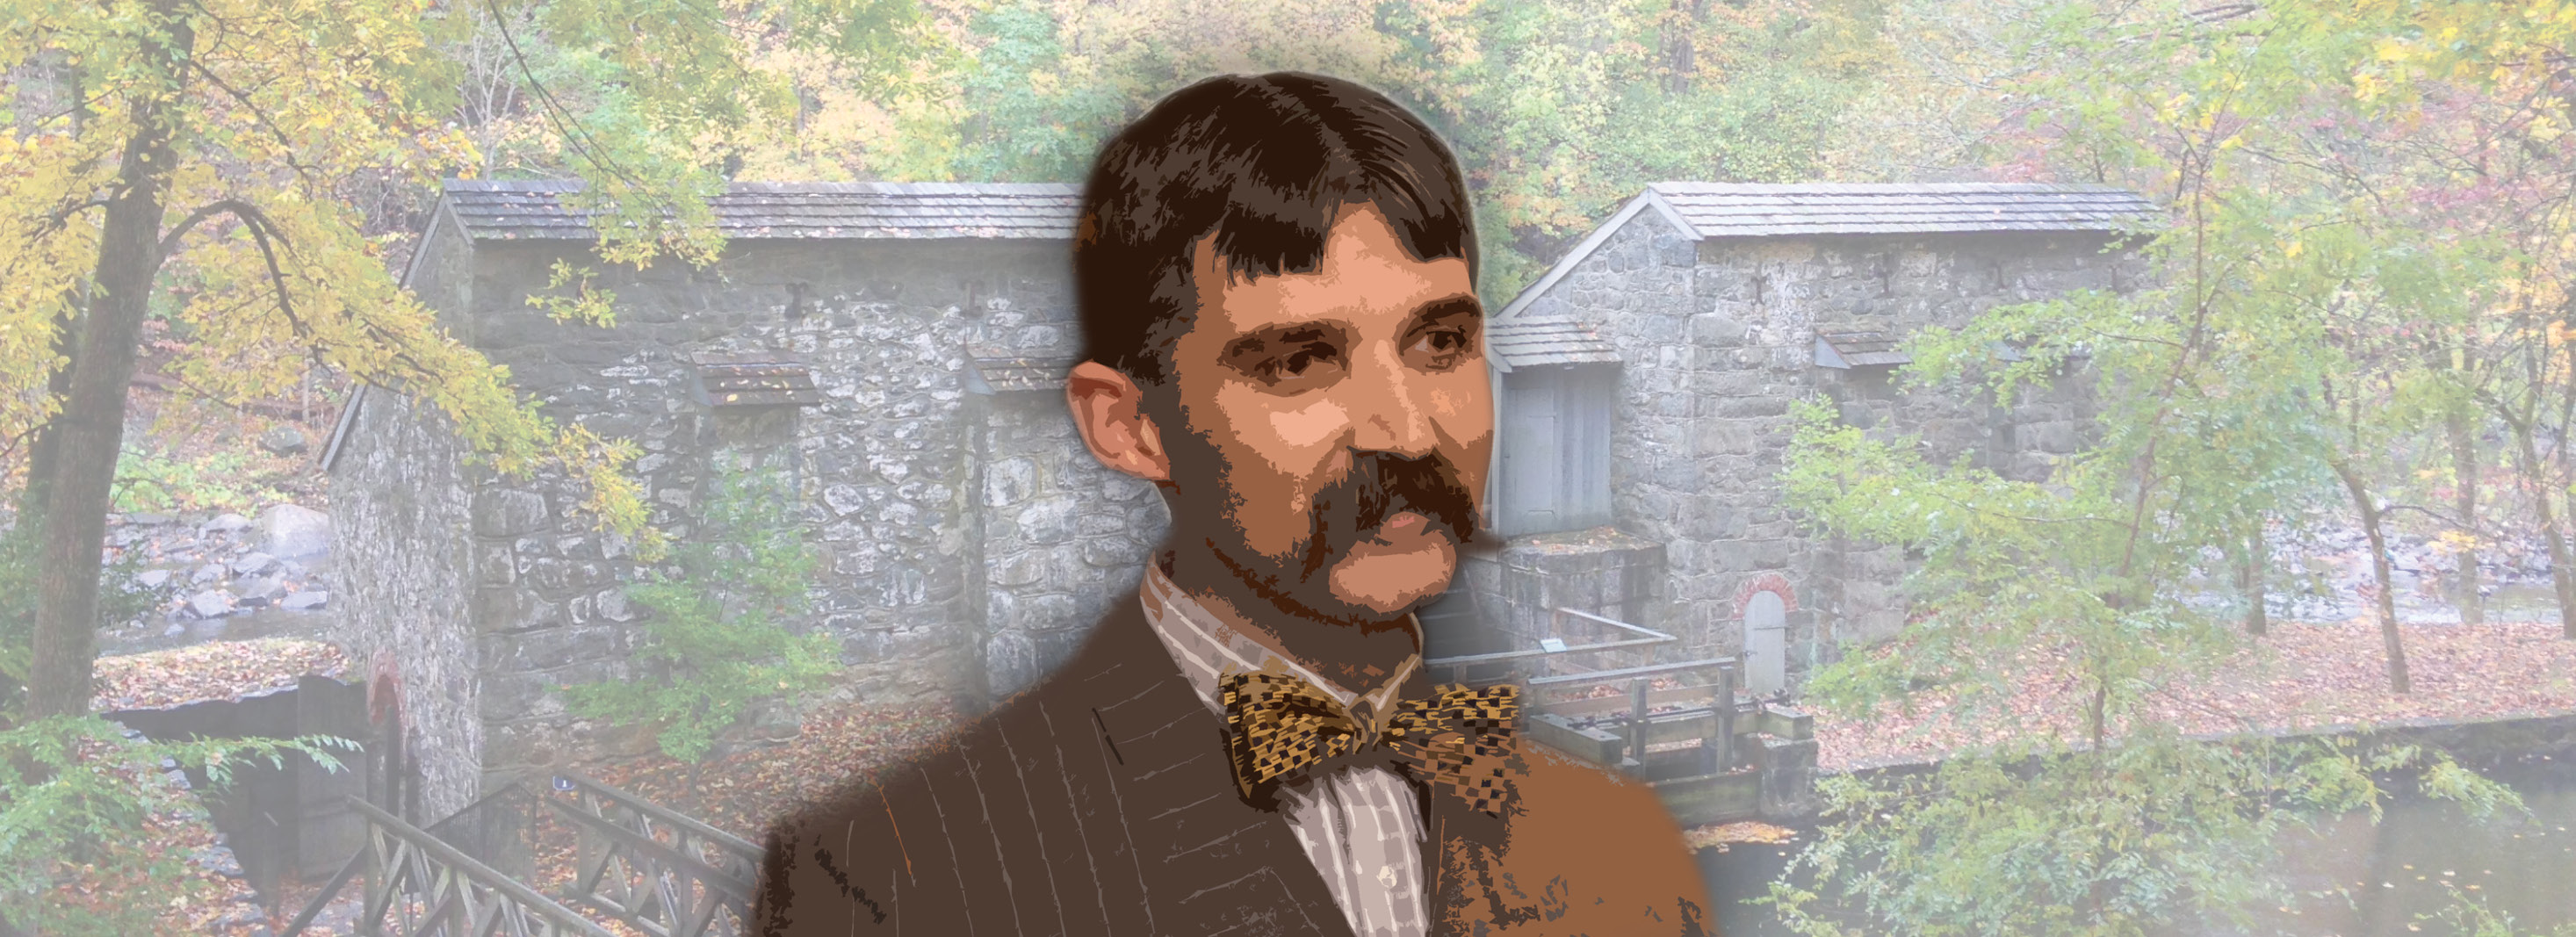 hagley historian lucas clawson